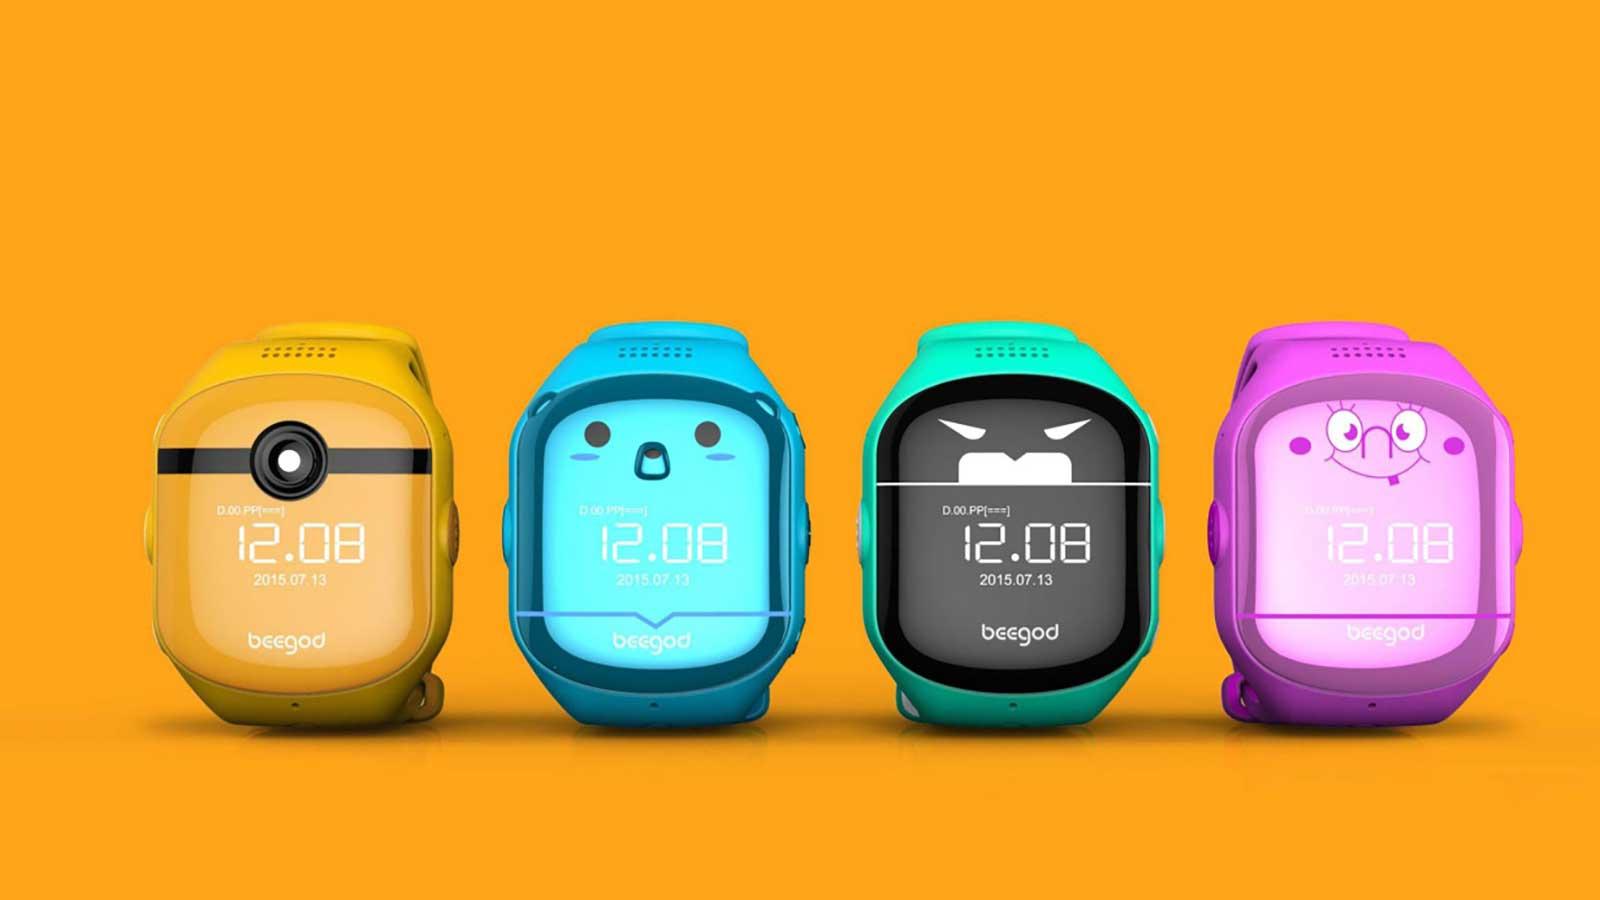 儿童智能手表设计在功能上需满足基本的防护需求